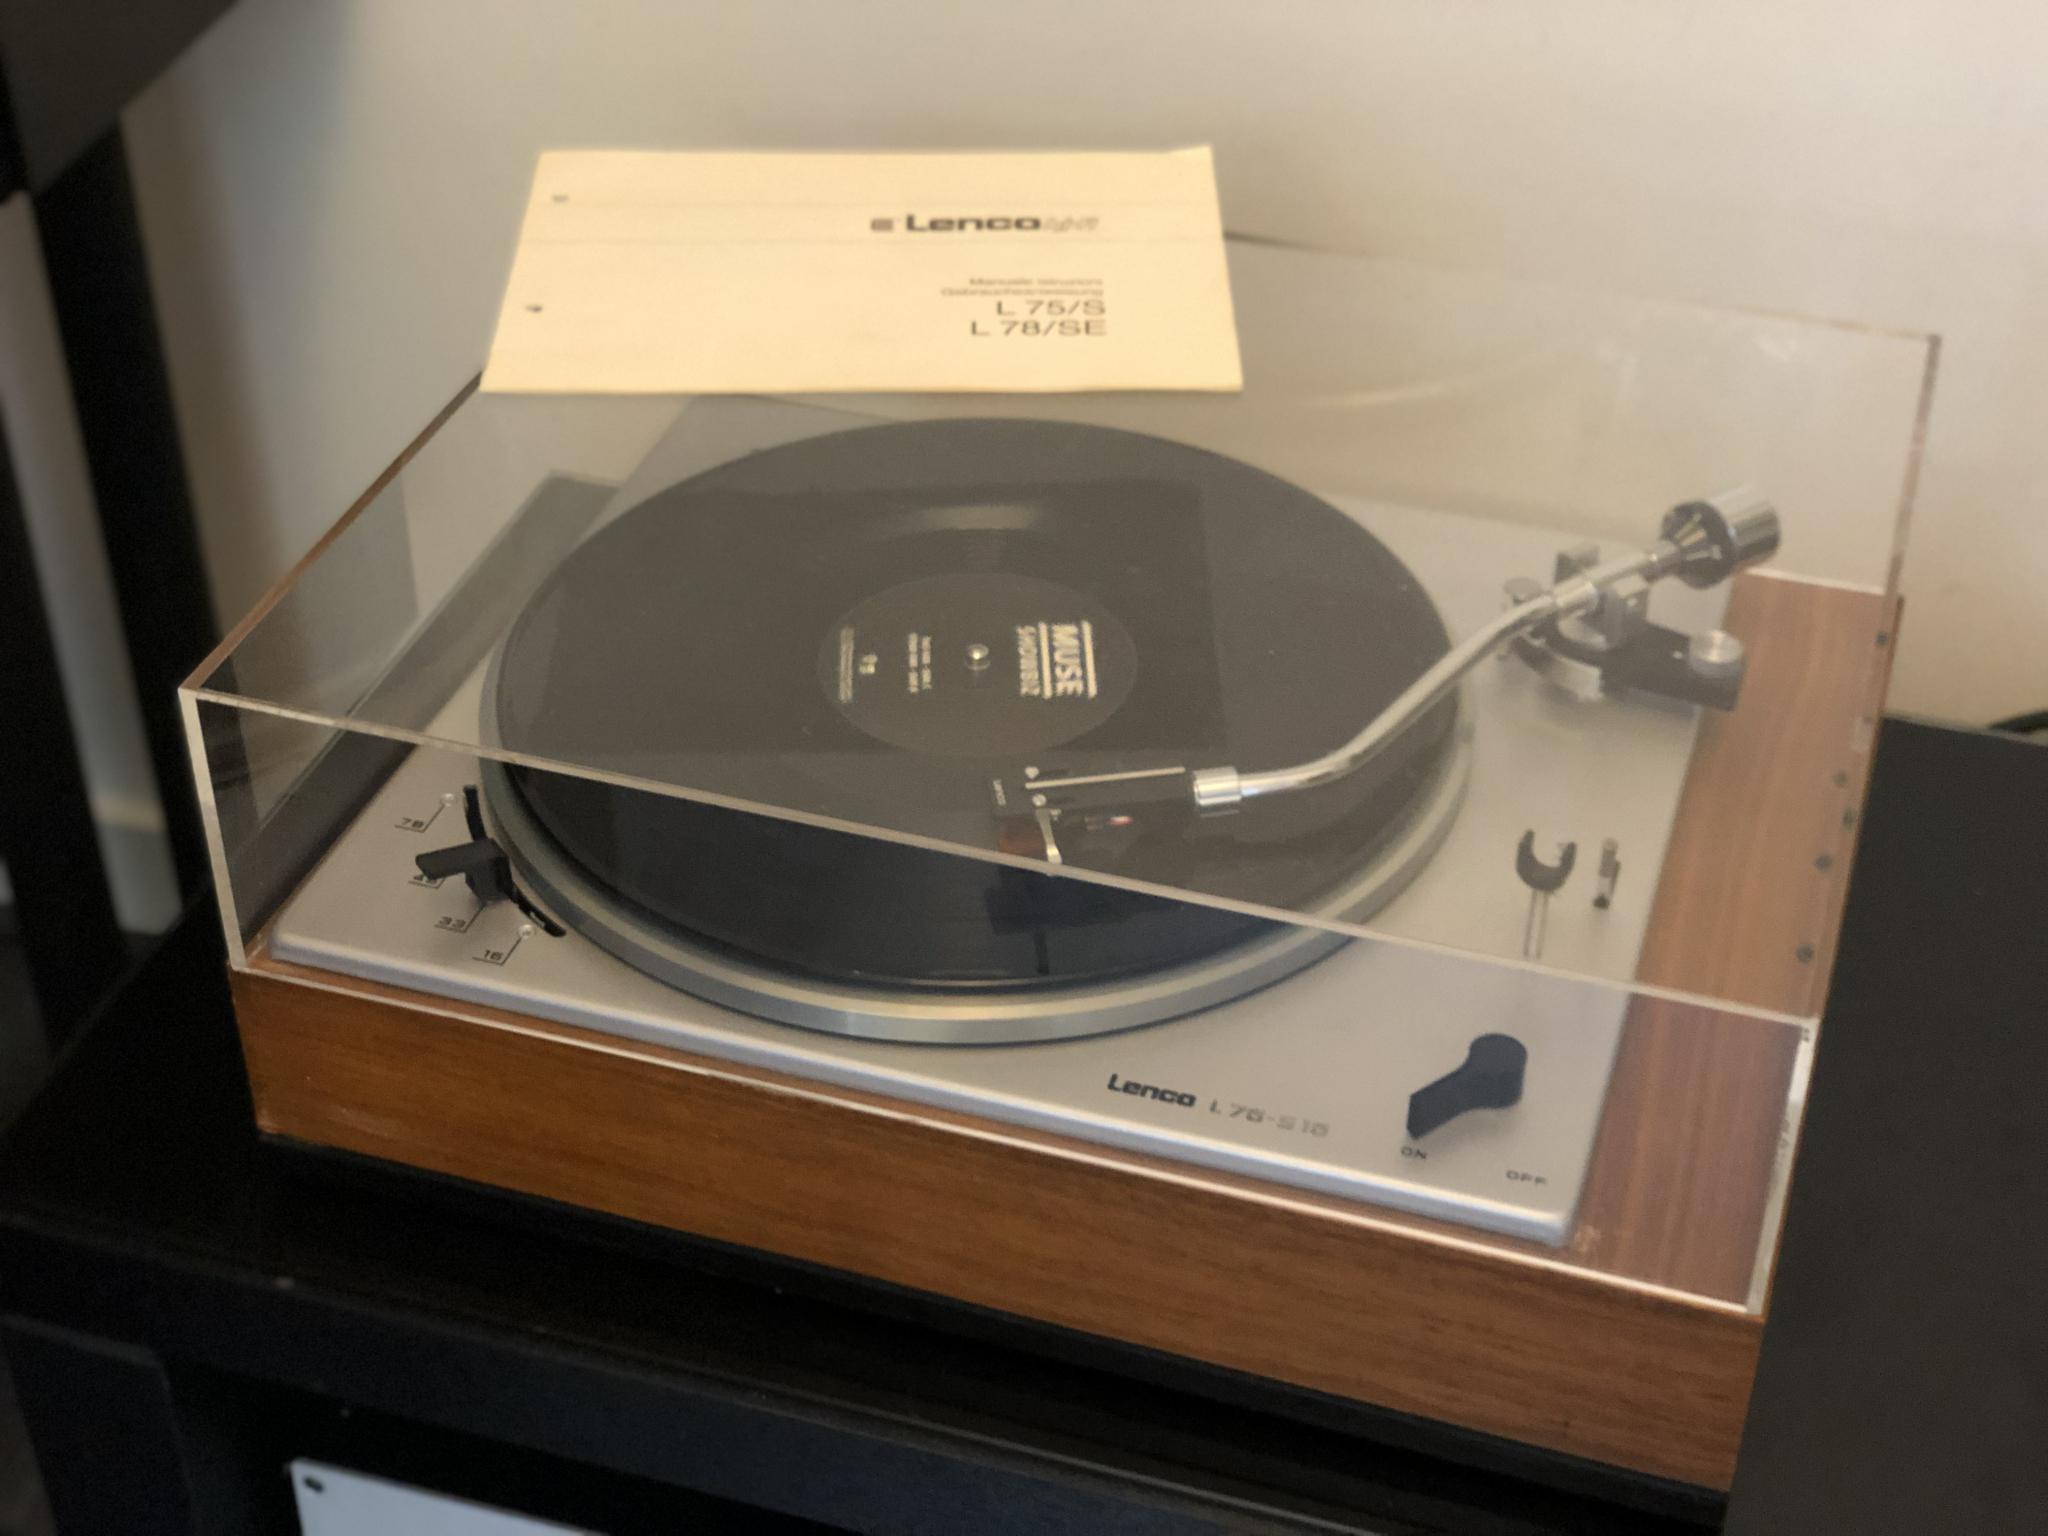 Lenco L75S16 Vintage Audio Repair 4